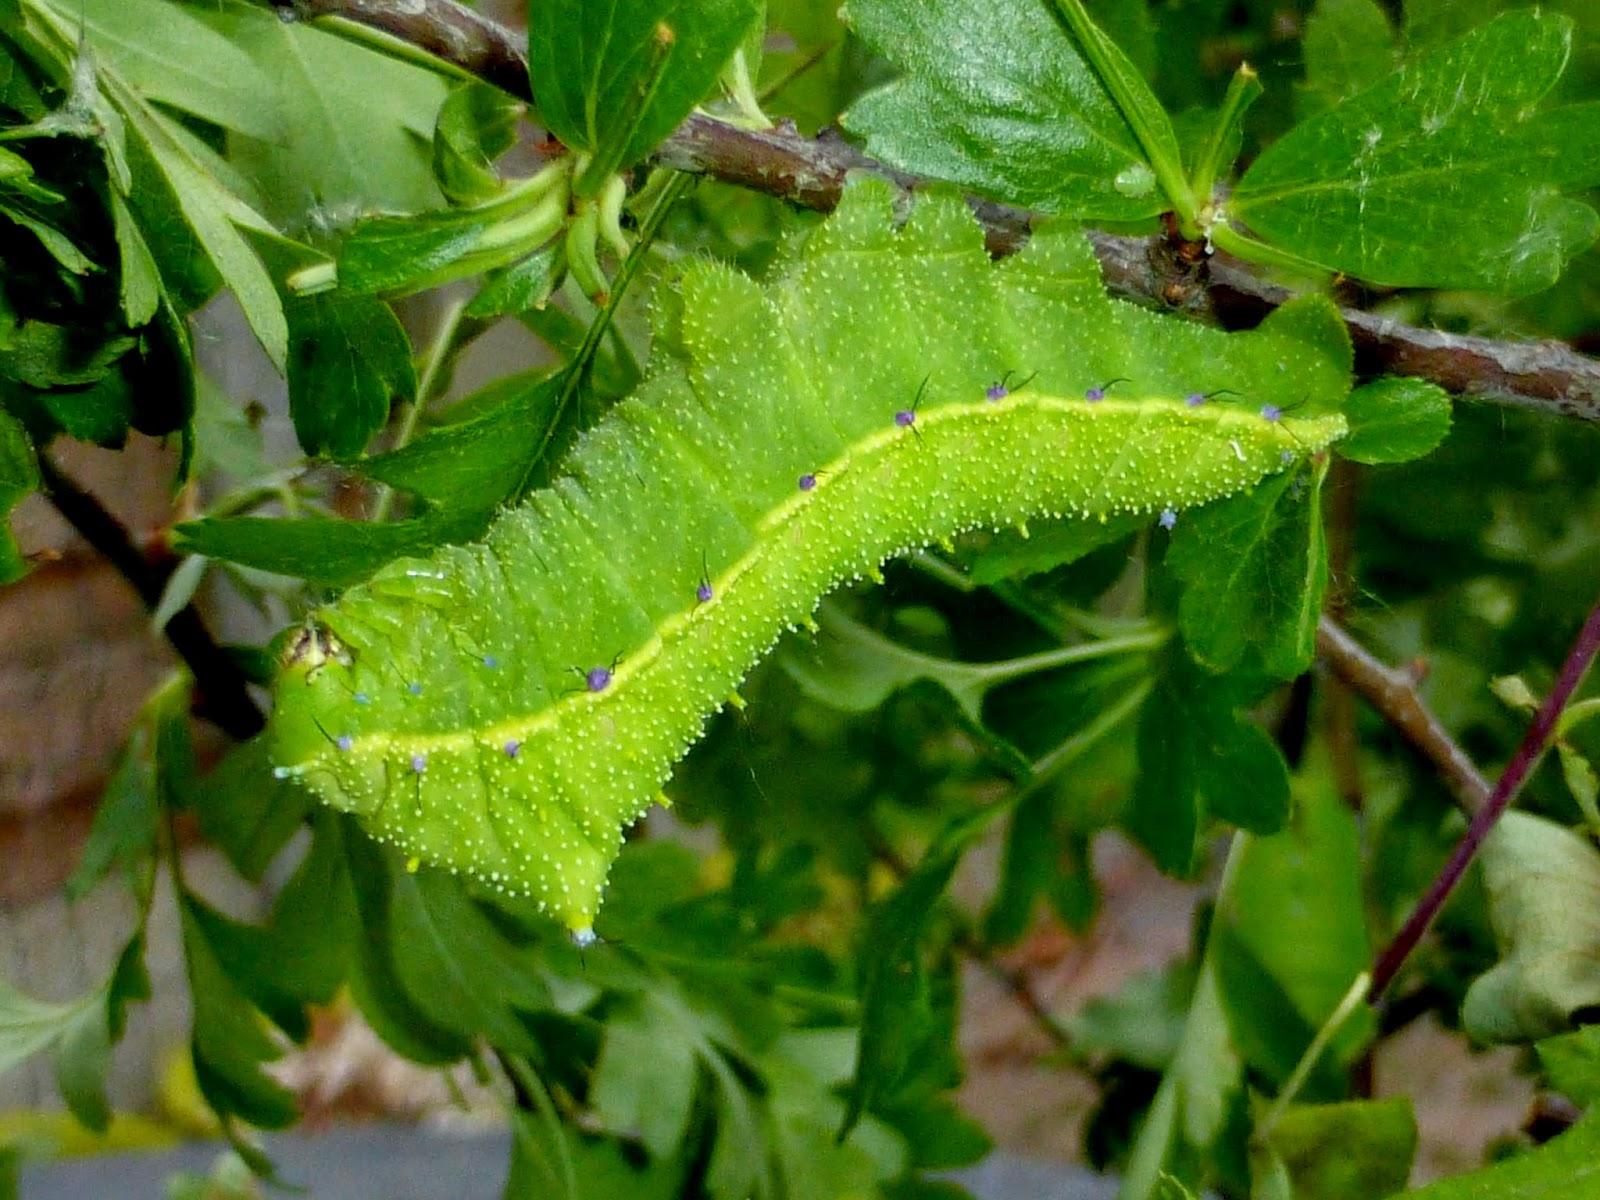 Rhodinia grigauti L5 caterpillar